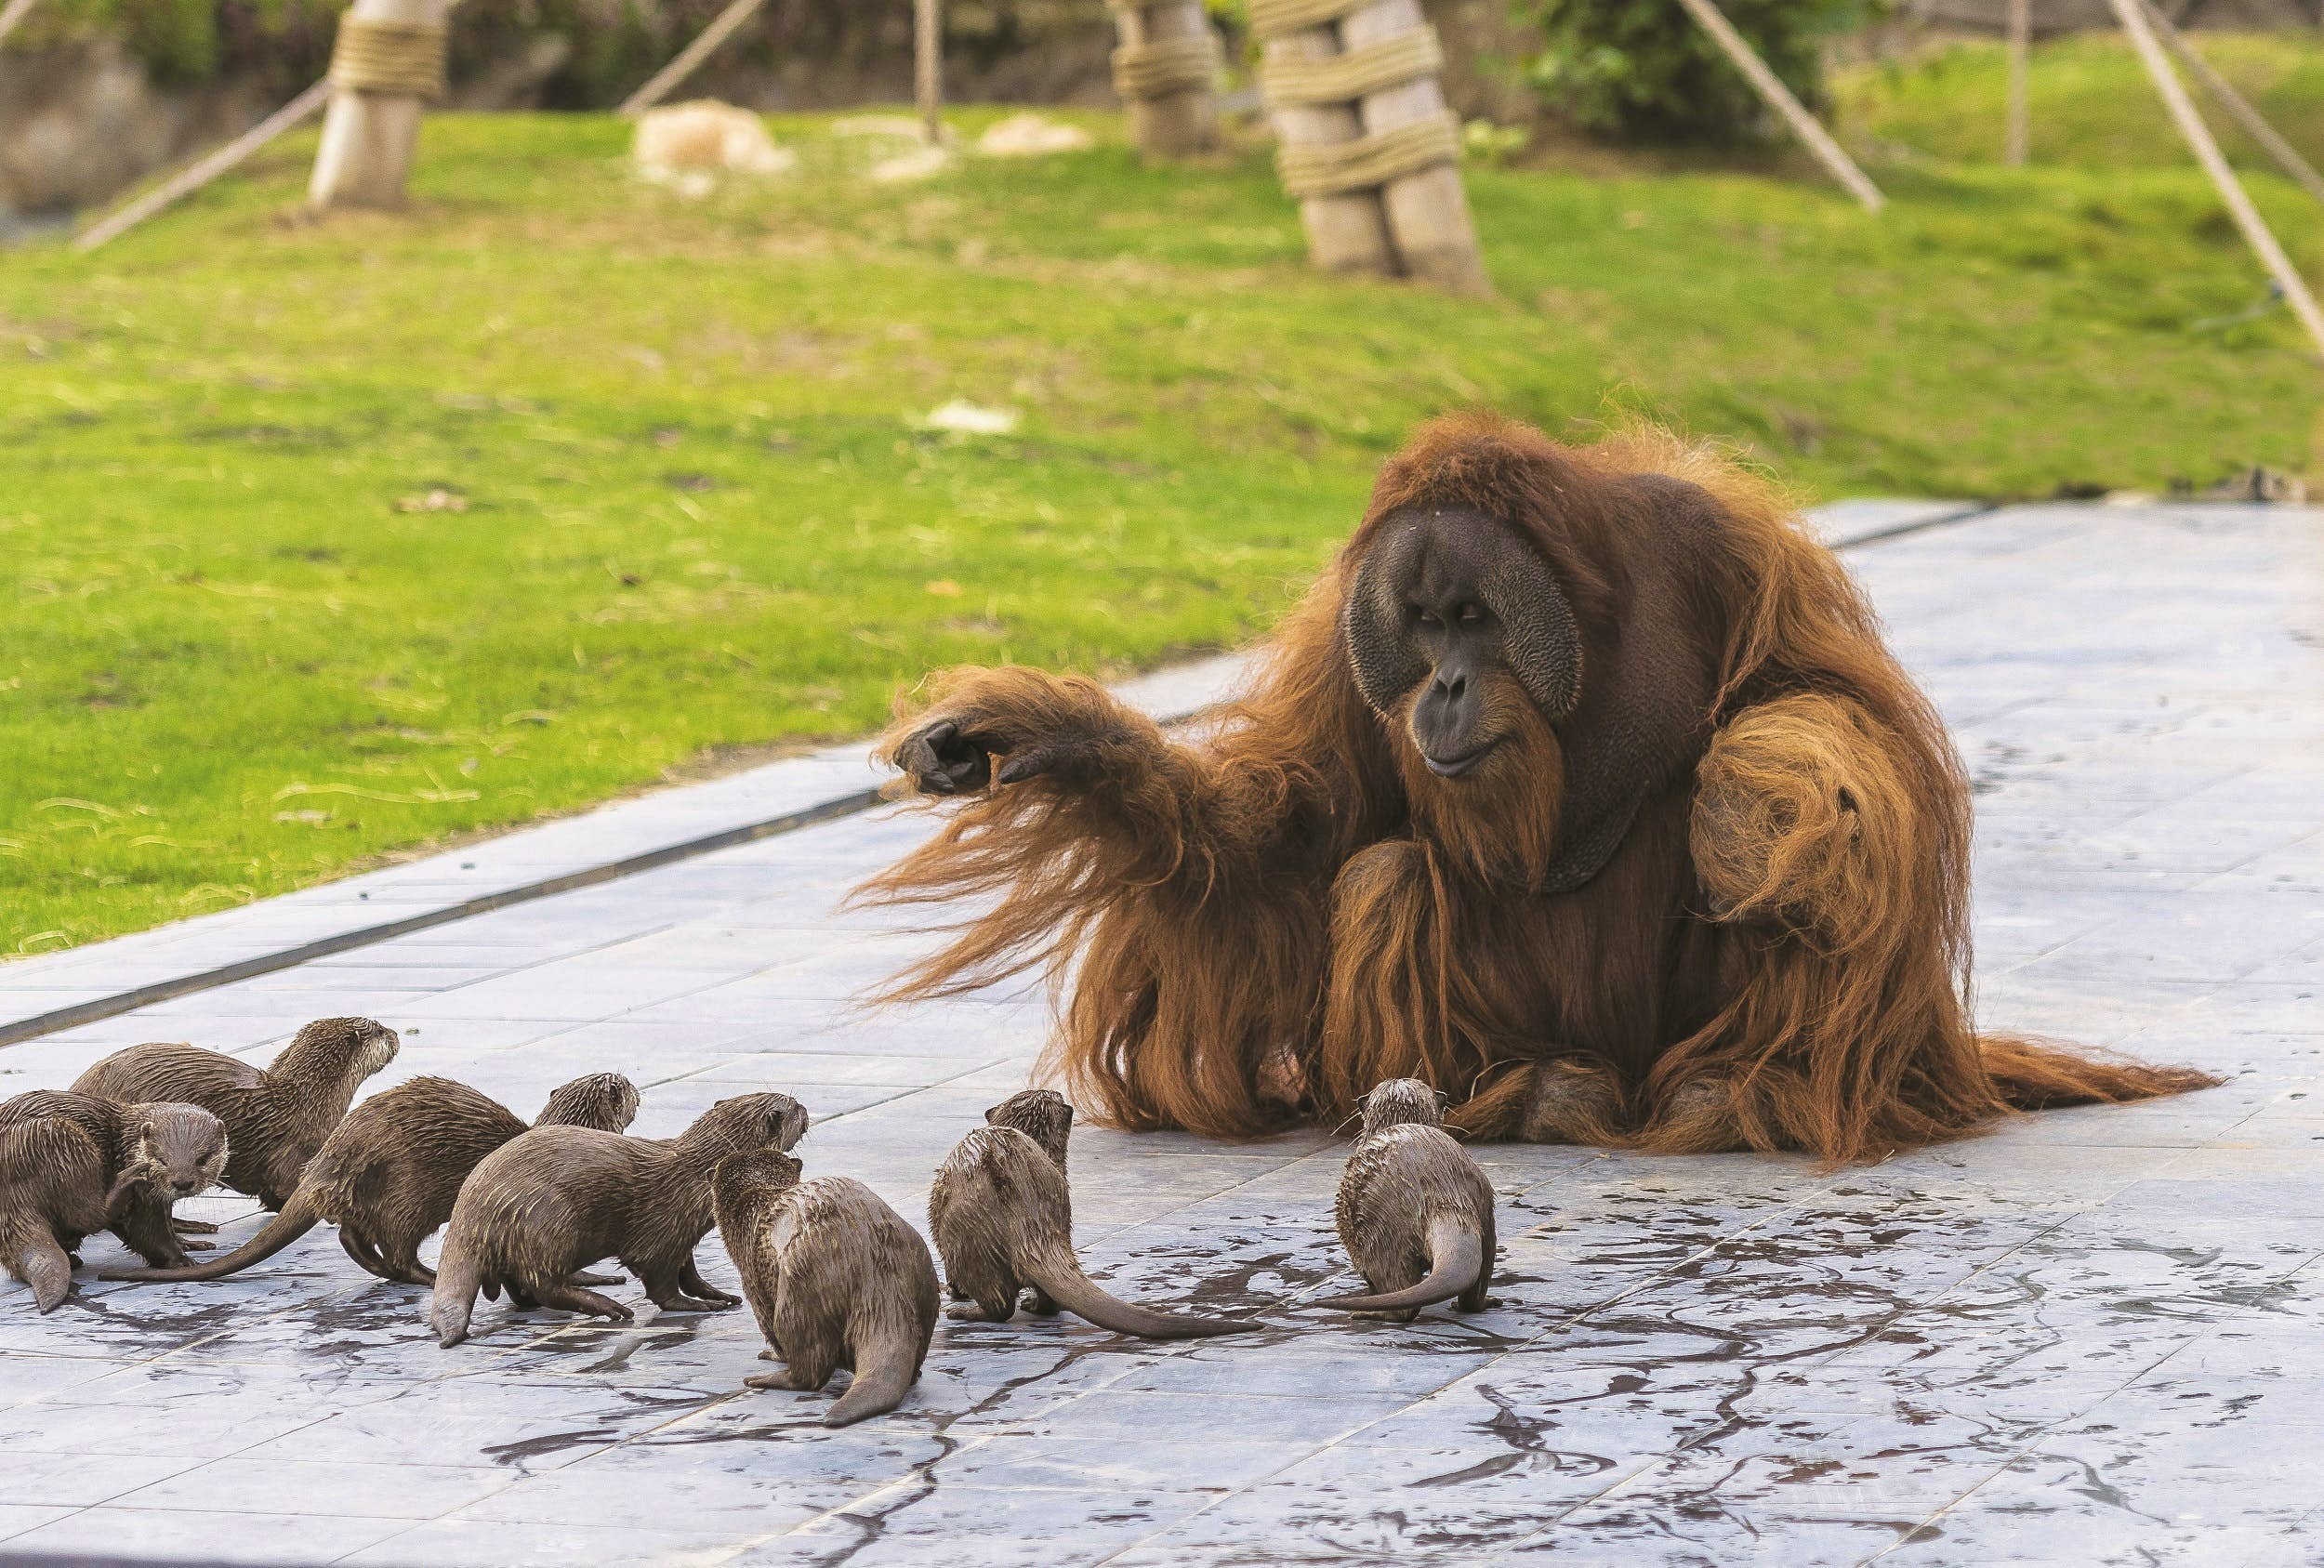 Un gran orangután macho (increíblemente peludo) señala a un grupo de nutrias a sus pies.